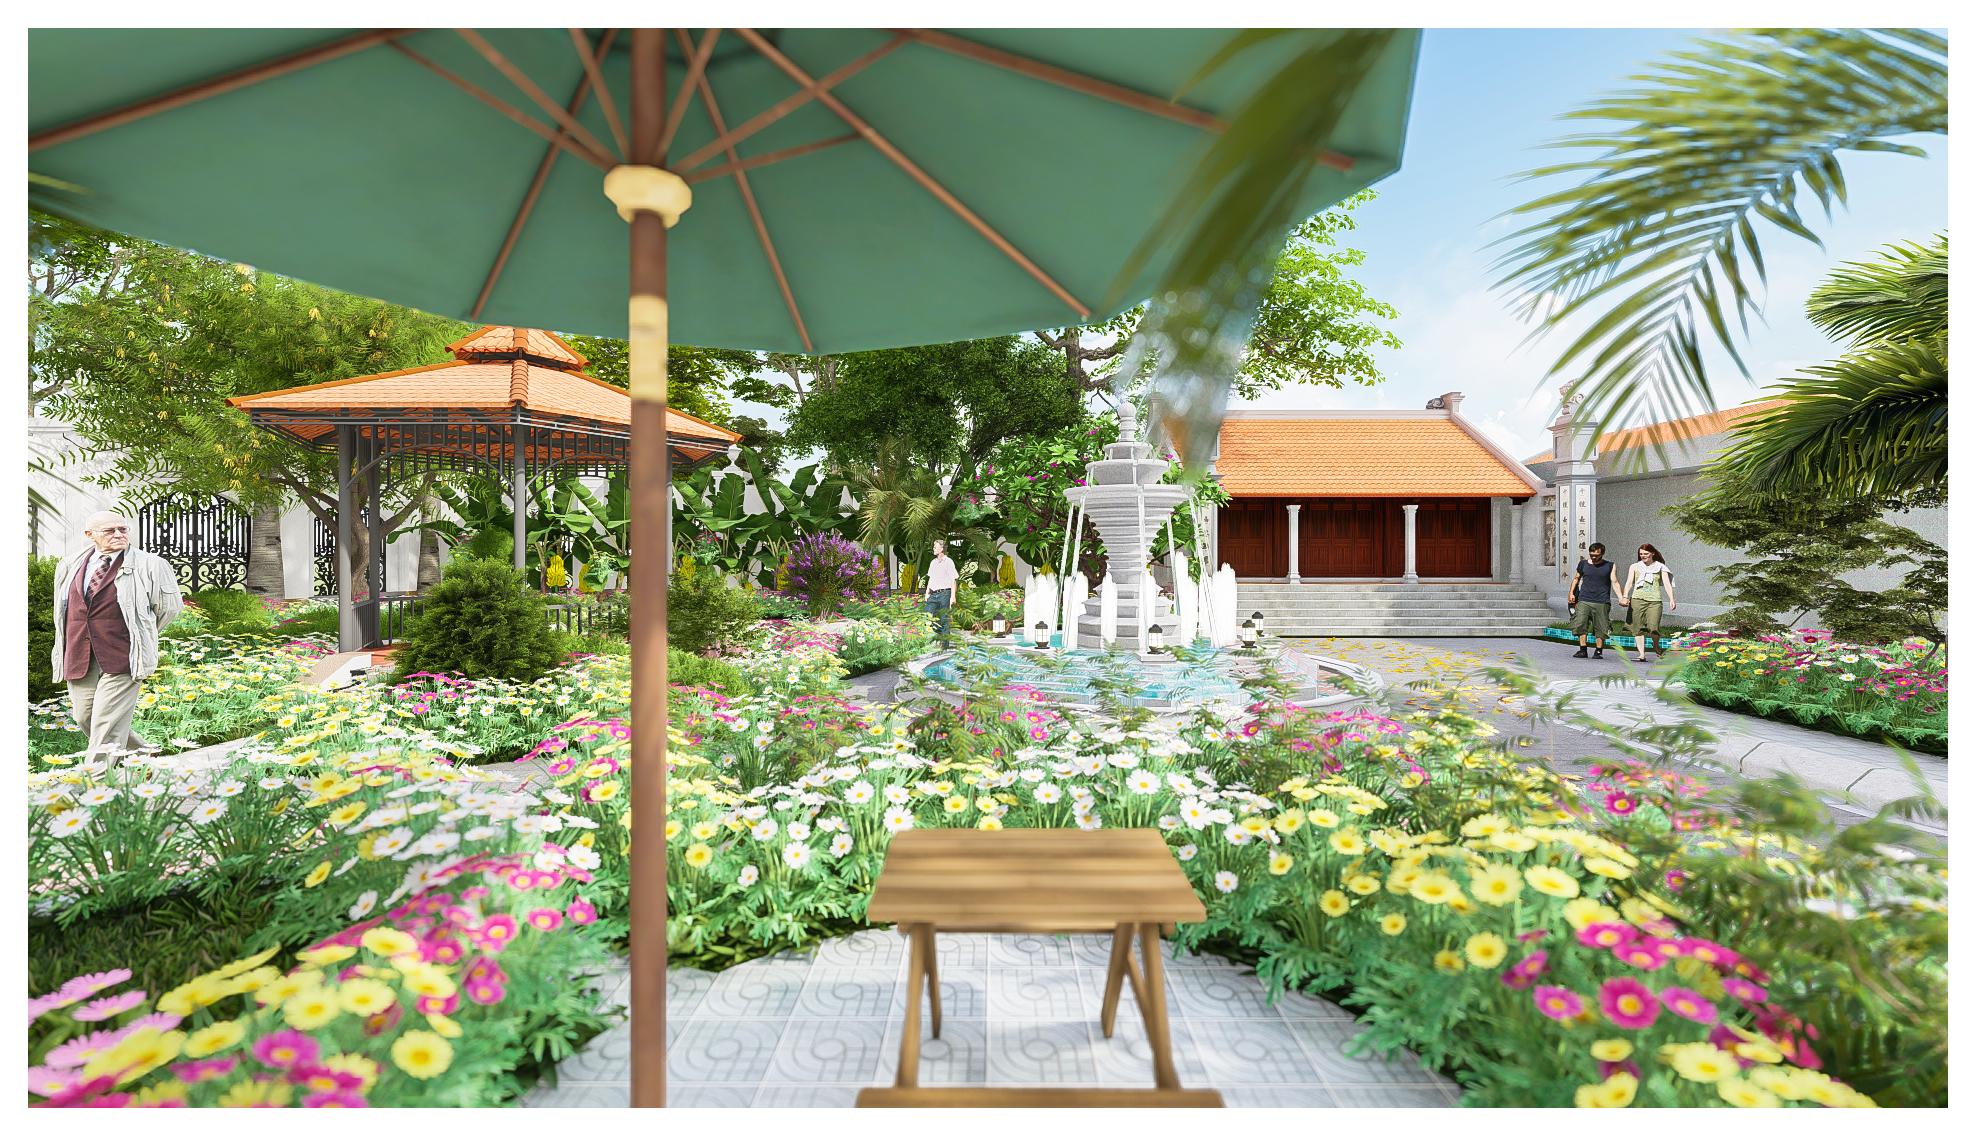 thiết kế Resort Khu Nhà Ở Dòng Họ187